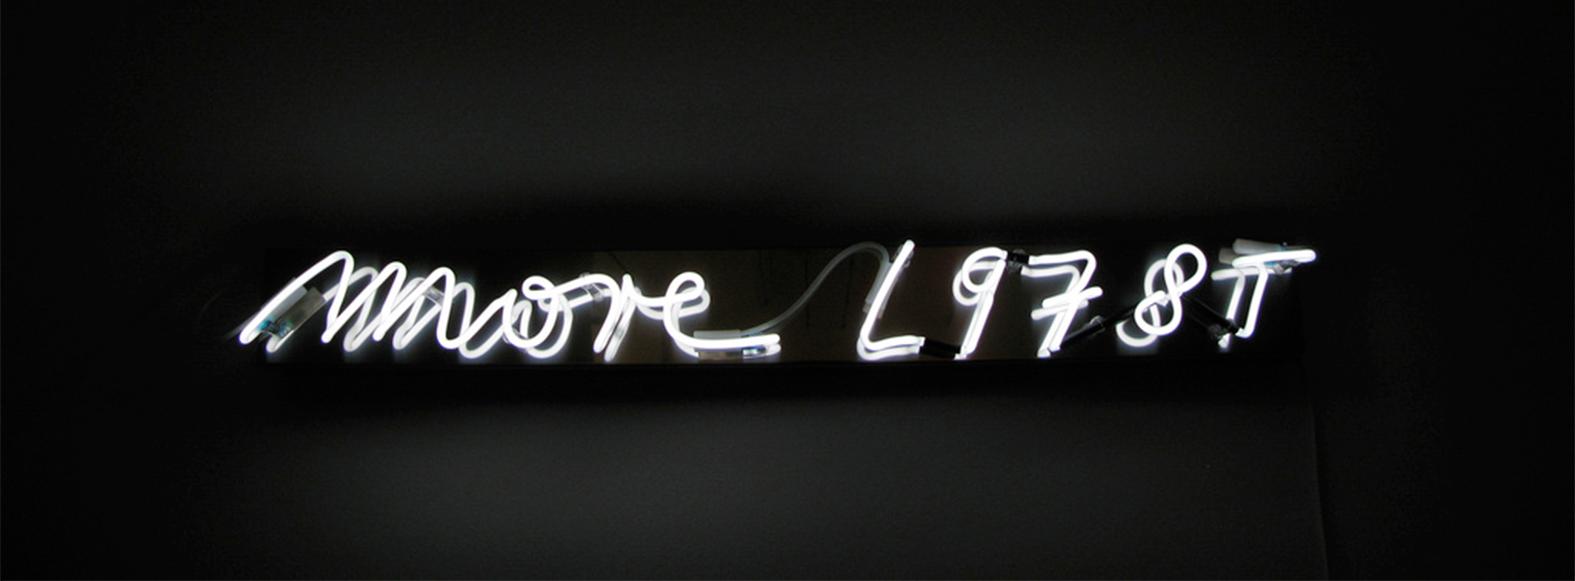 Kowanz-Brigitte-More-Light-2007-1-web.jpg